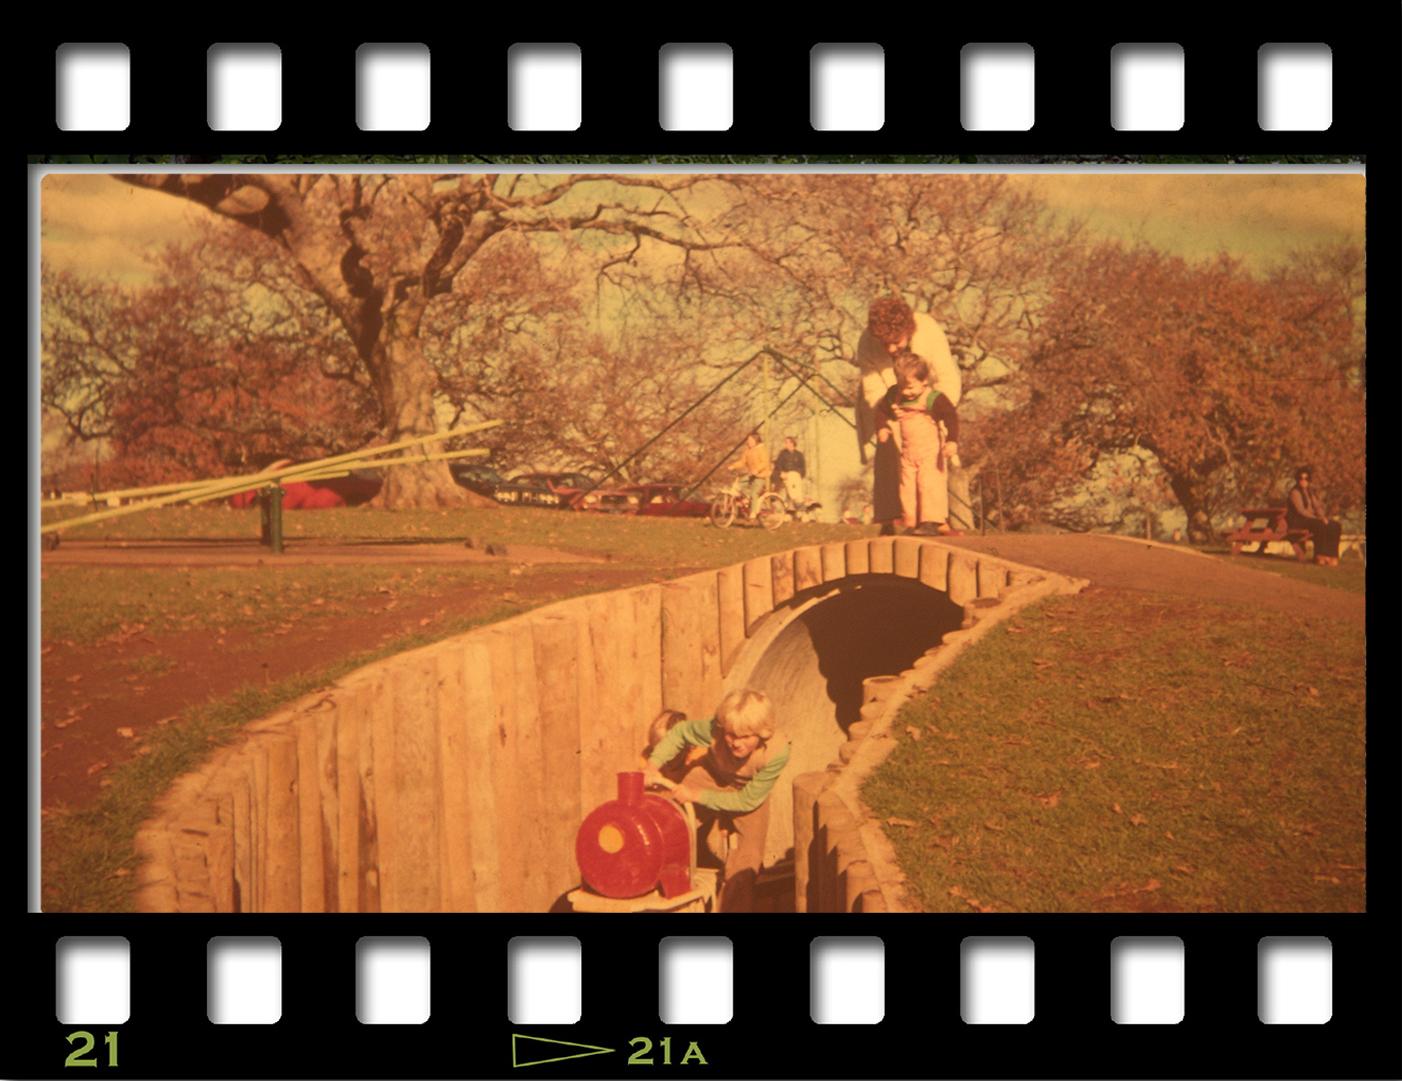 Cornwall Park Playground - c1976